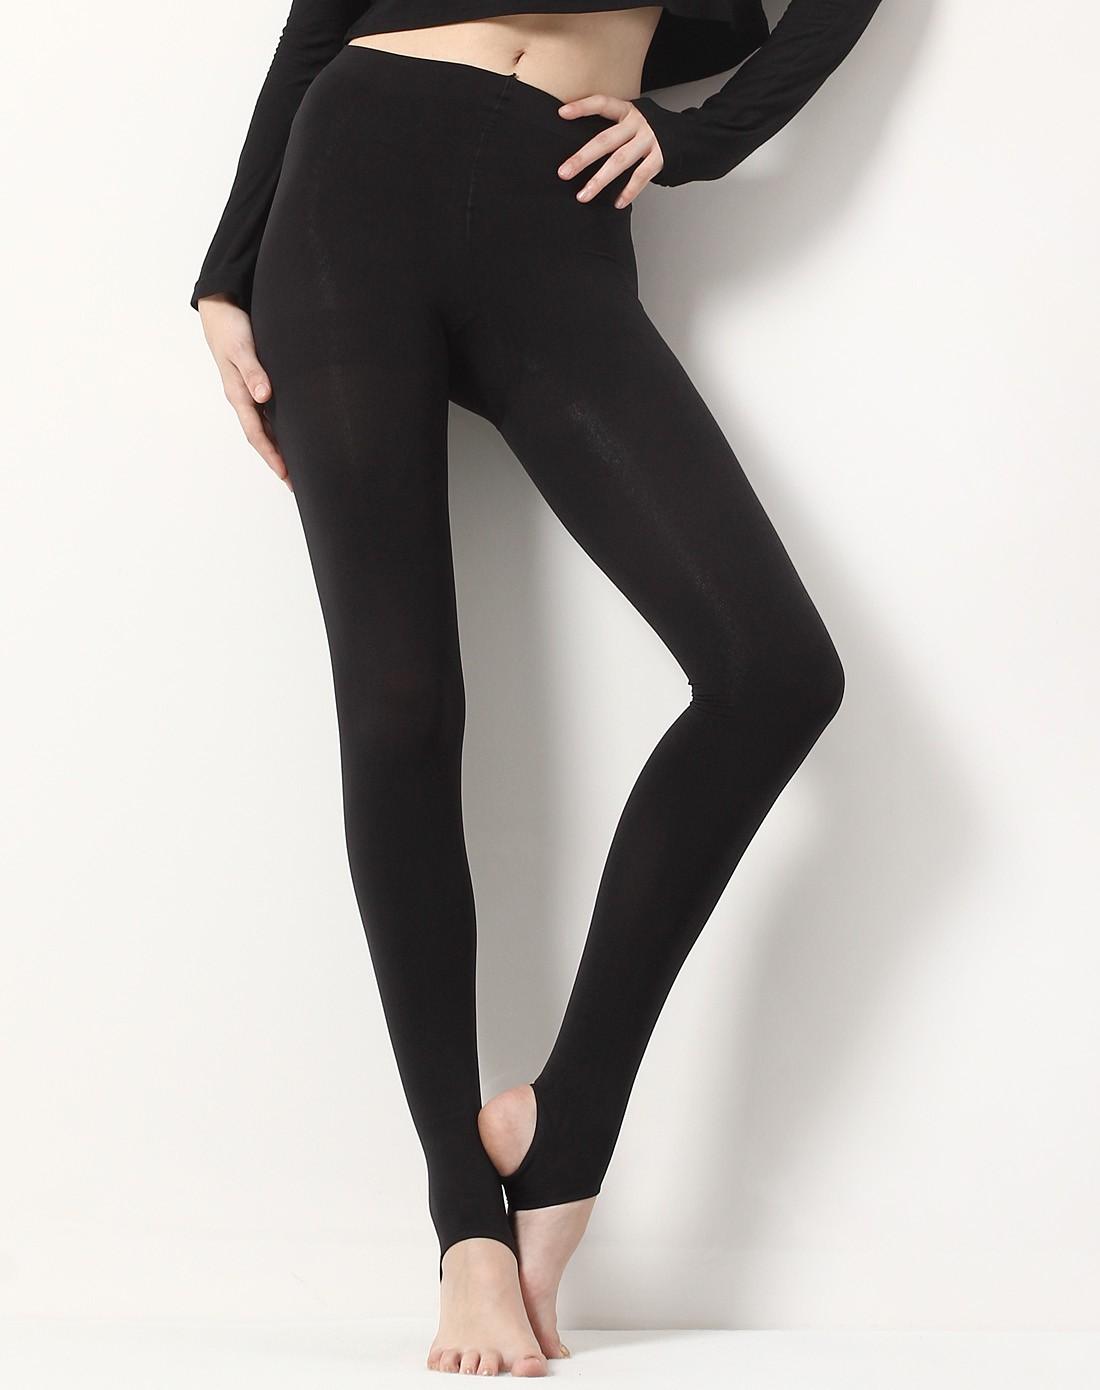 黑色健美裤视频_女款黑色200d厚天鹅绒健美裤